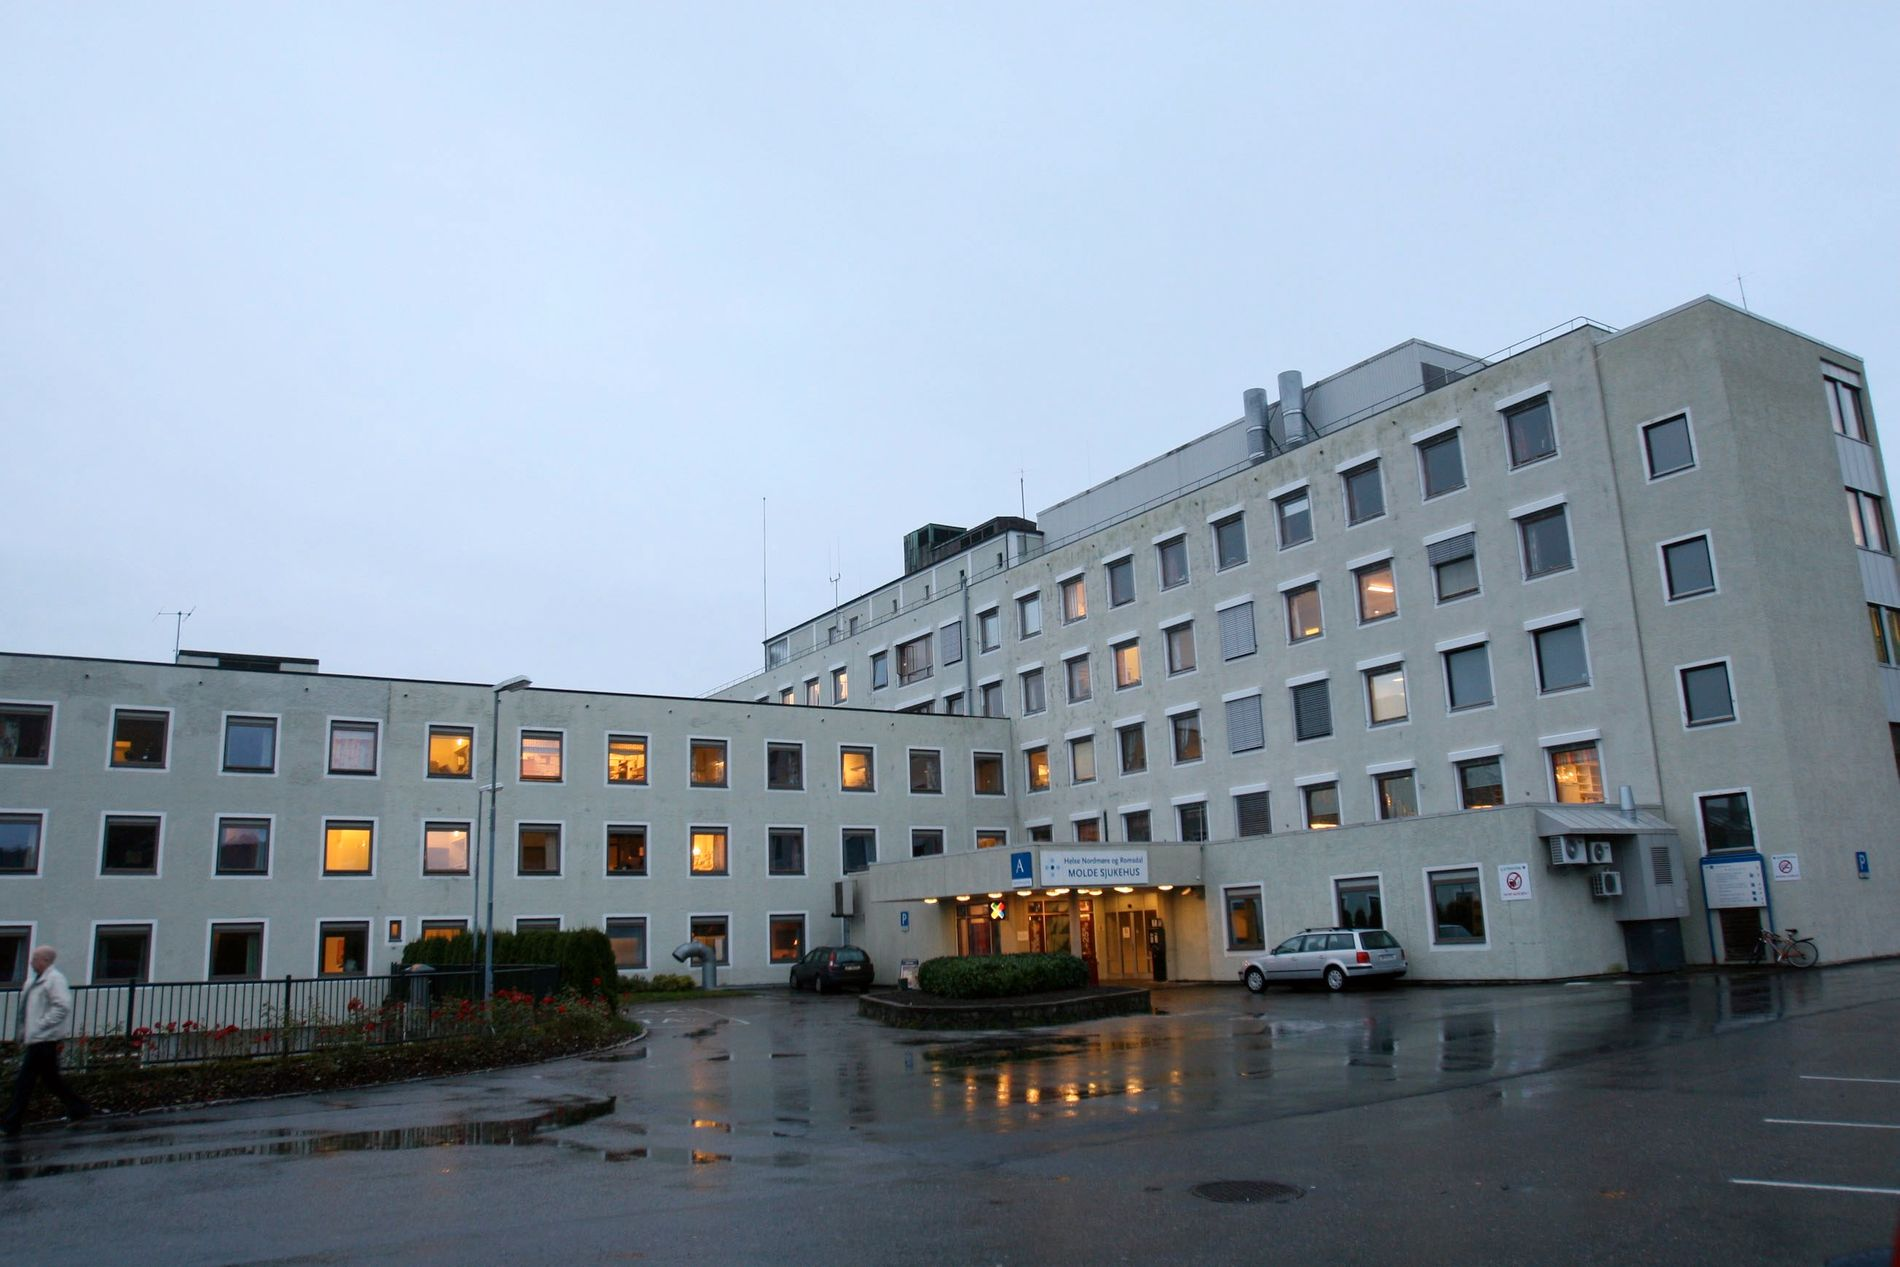 TILSYN: Fylkesmannen i Møre og Romsdal er nå i startfasen av et åpnet tilsyn mot Molde sykehus, etter et varsel om at det er for få anestesisykepleiere i beredskap på kveld og i helger. Bildet er tatt i 2006.